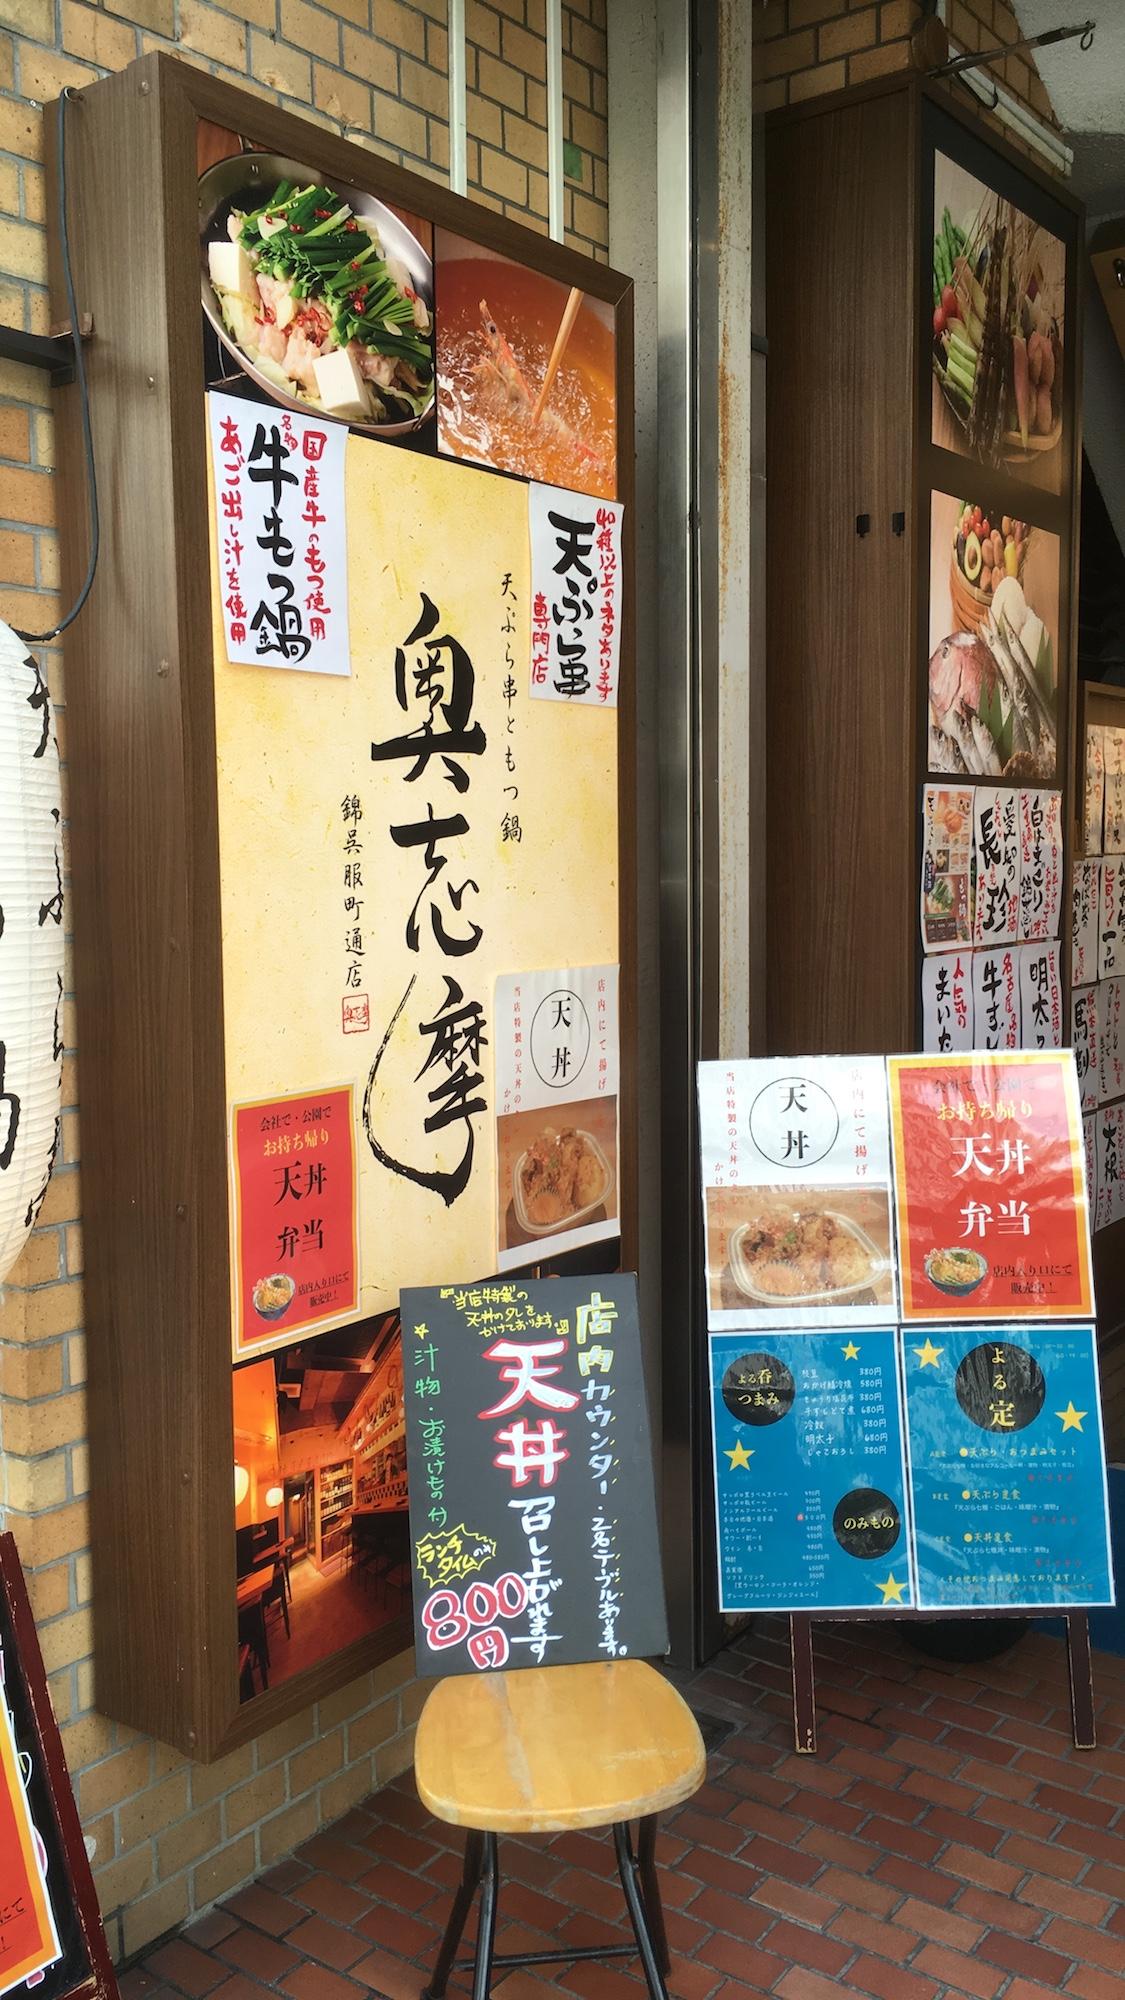 天ぷら串ともつ鍋奥志摩